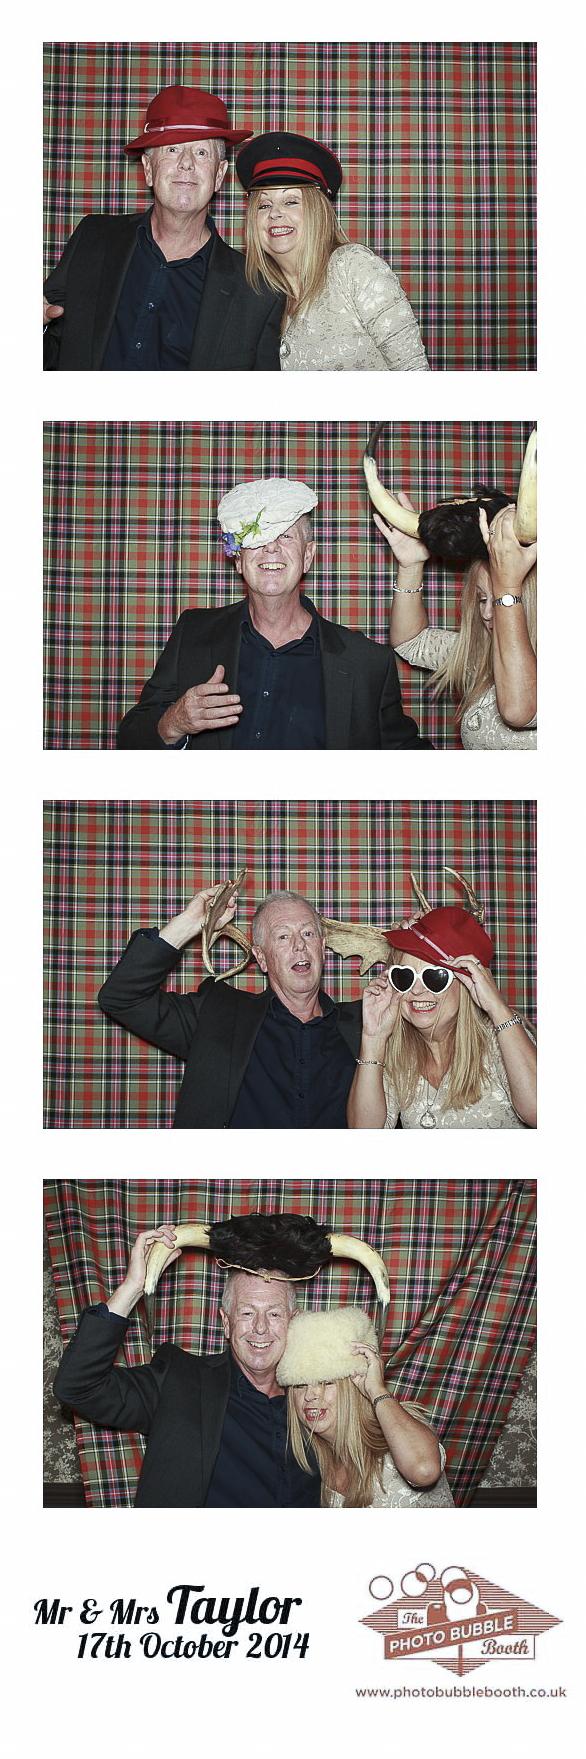 Mr & Mrs Taylor 17th October _10.jpg